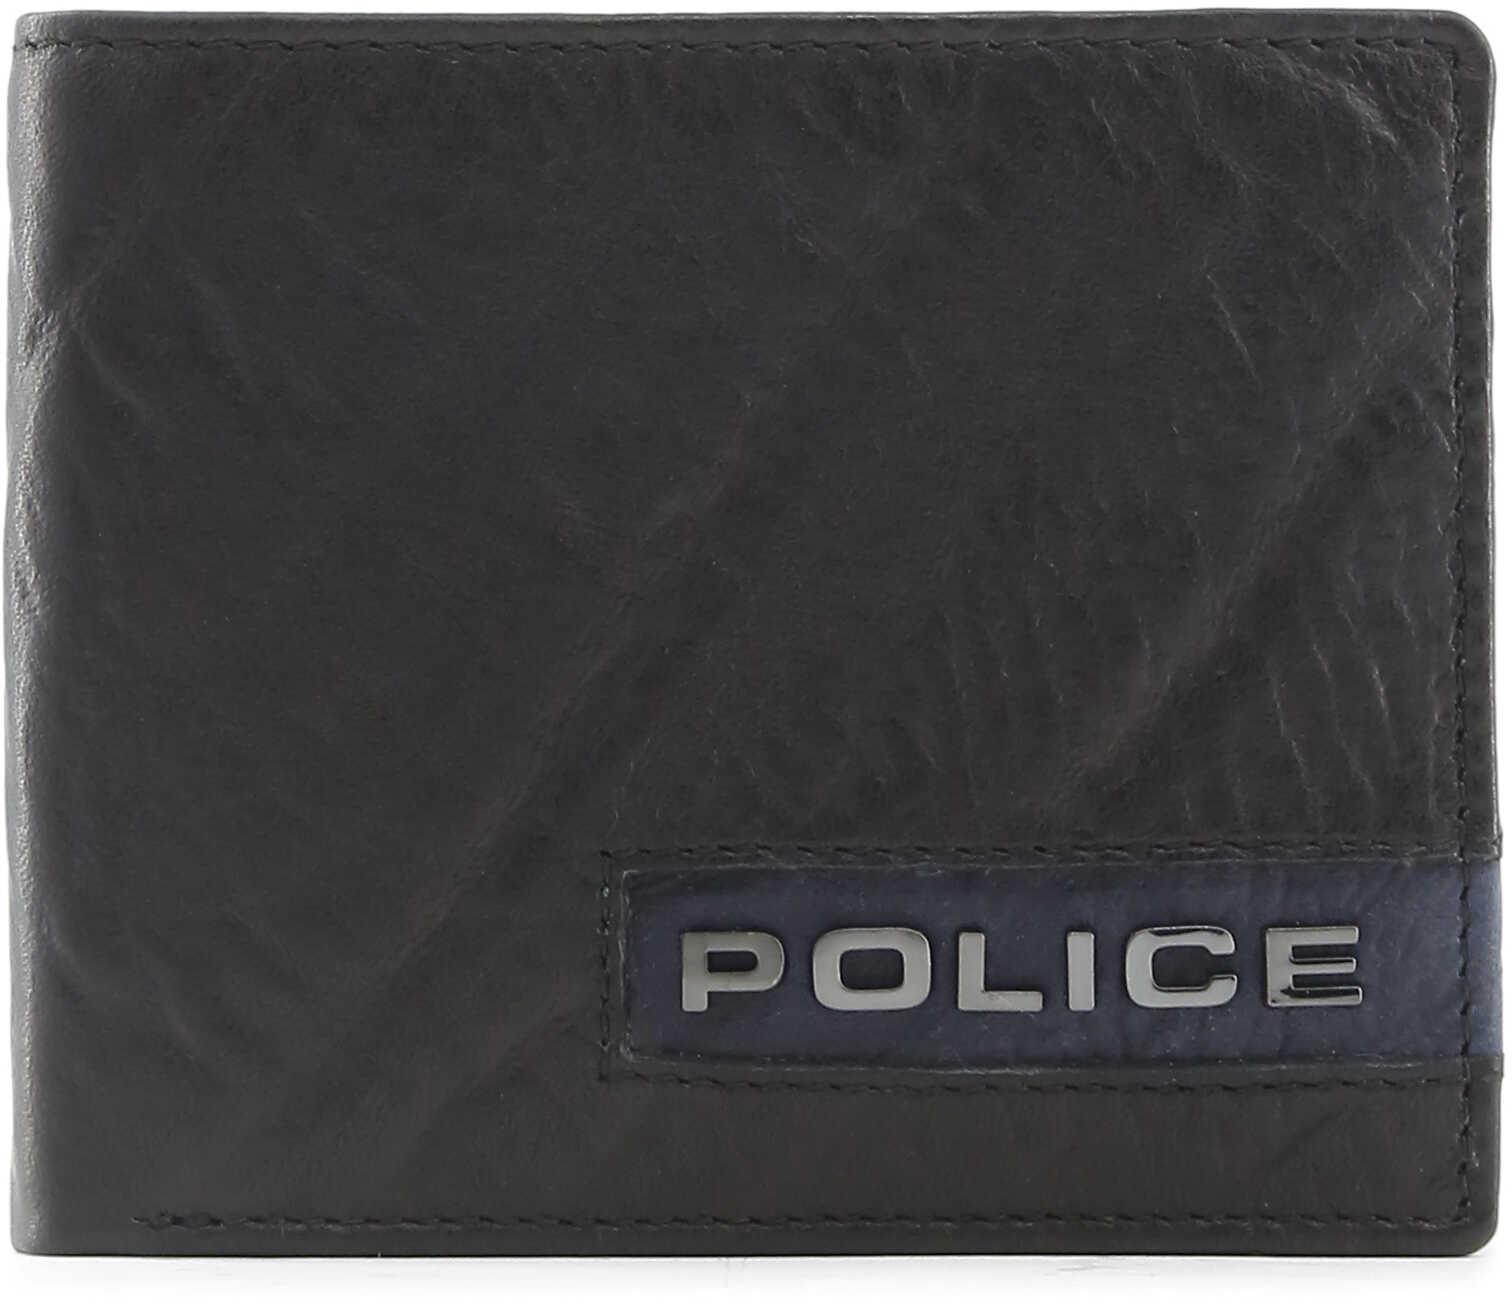 Police Pt308366 Black